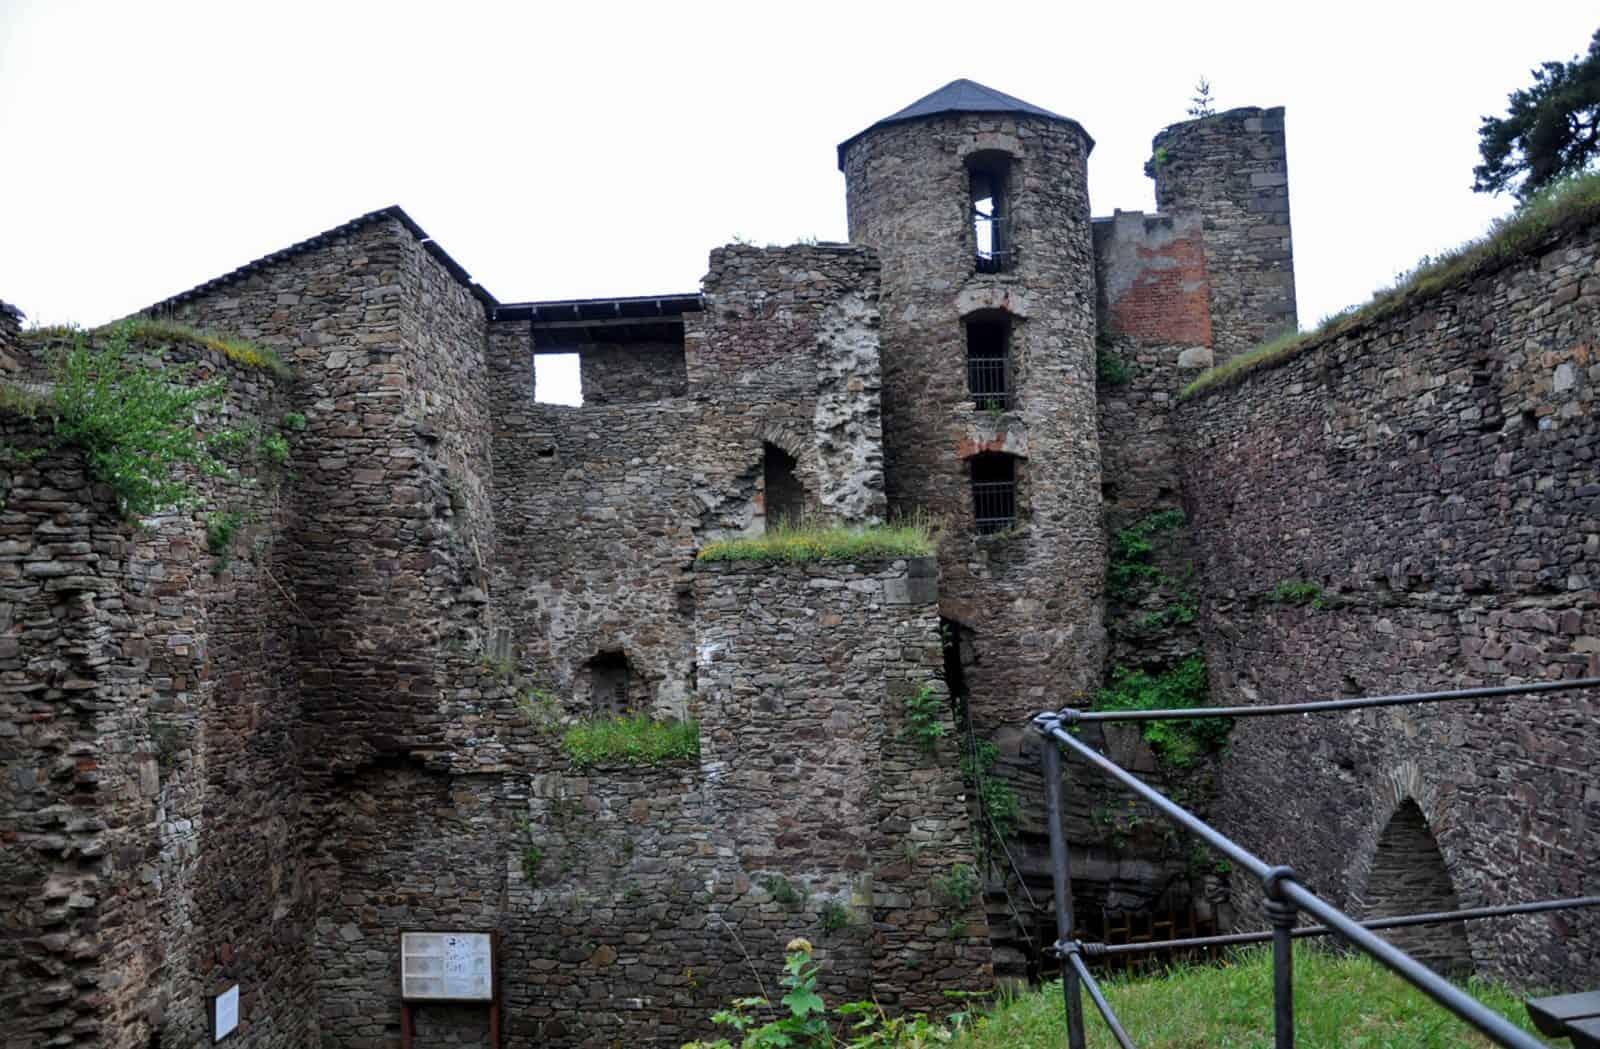 Третий двор с часовней, лестничной башней и старым дворцом с башнями